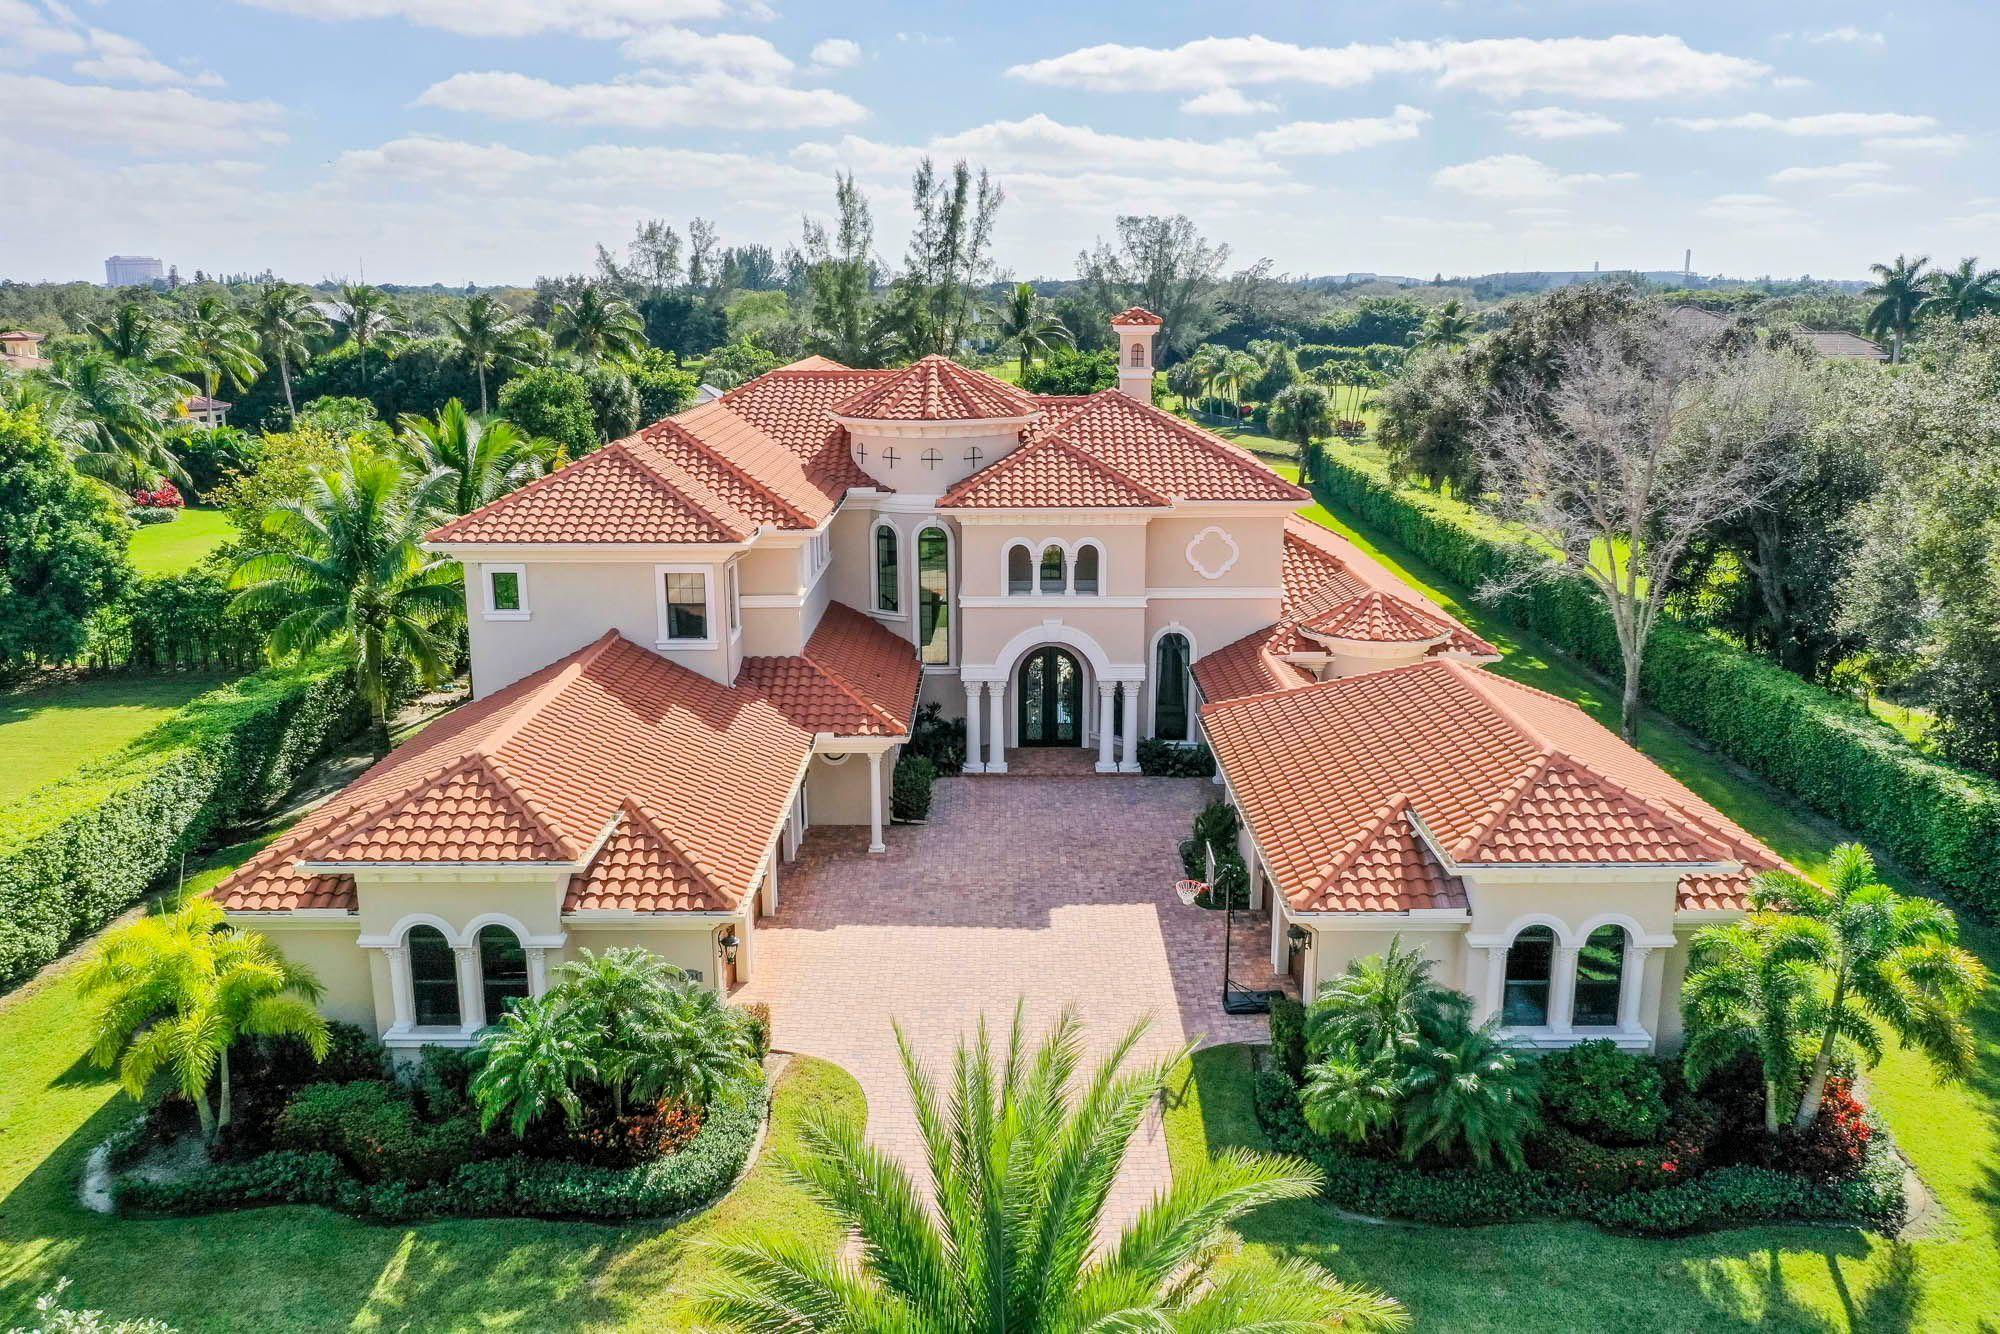 55ae8d084b92ba849ac84eef508afcea - New Construction Houses In Palm Beach Gardens